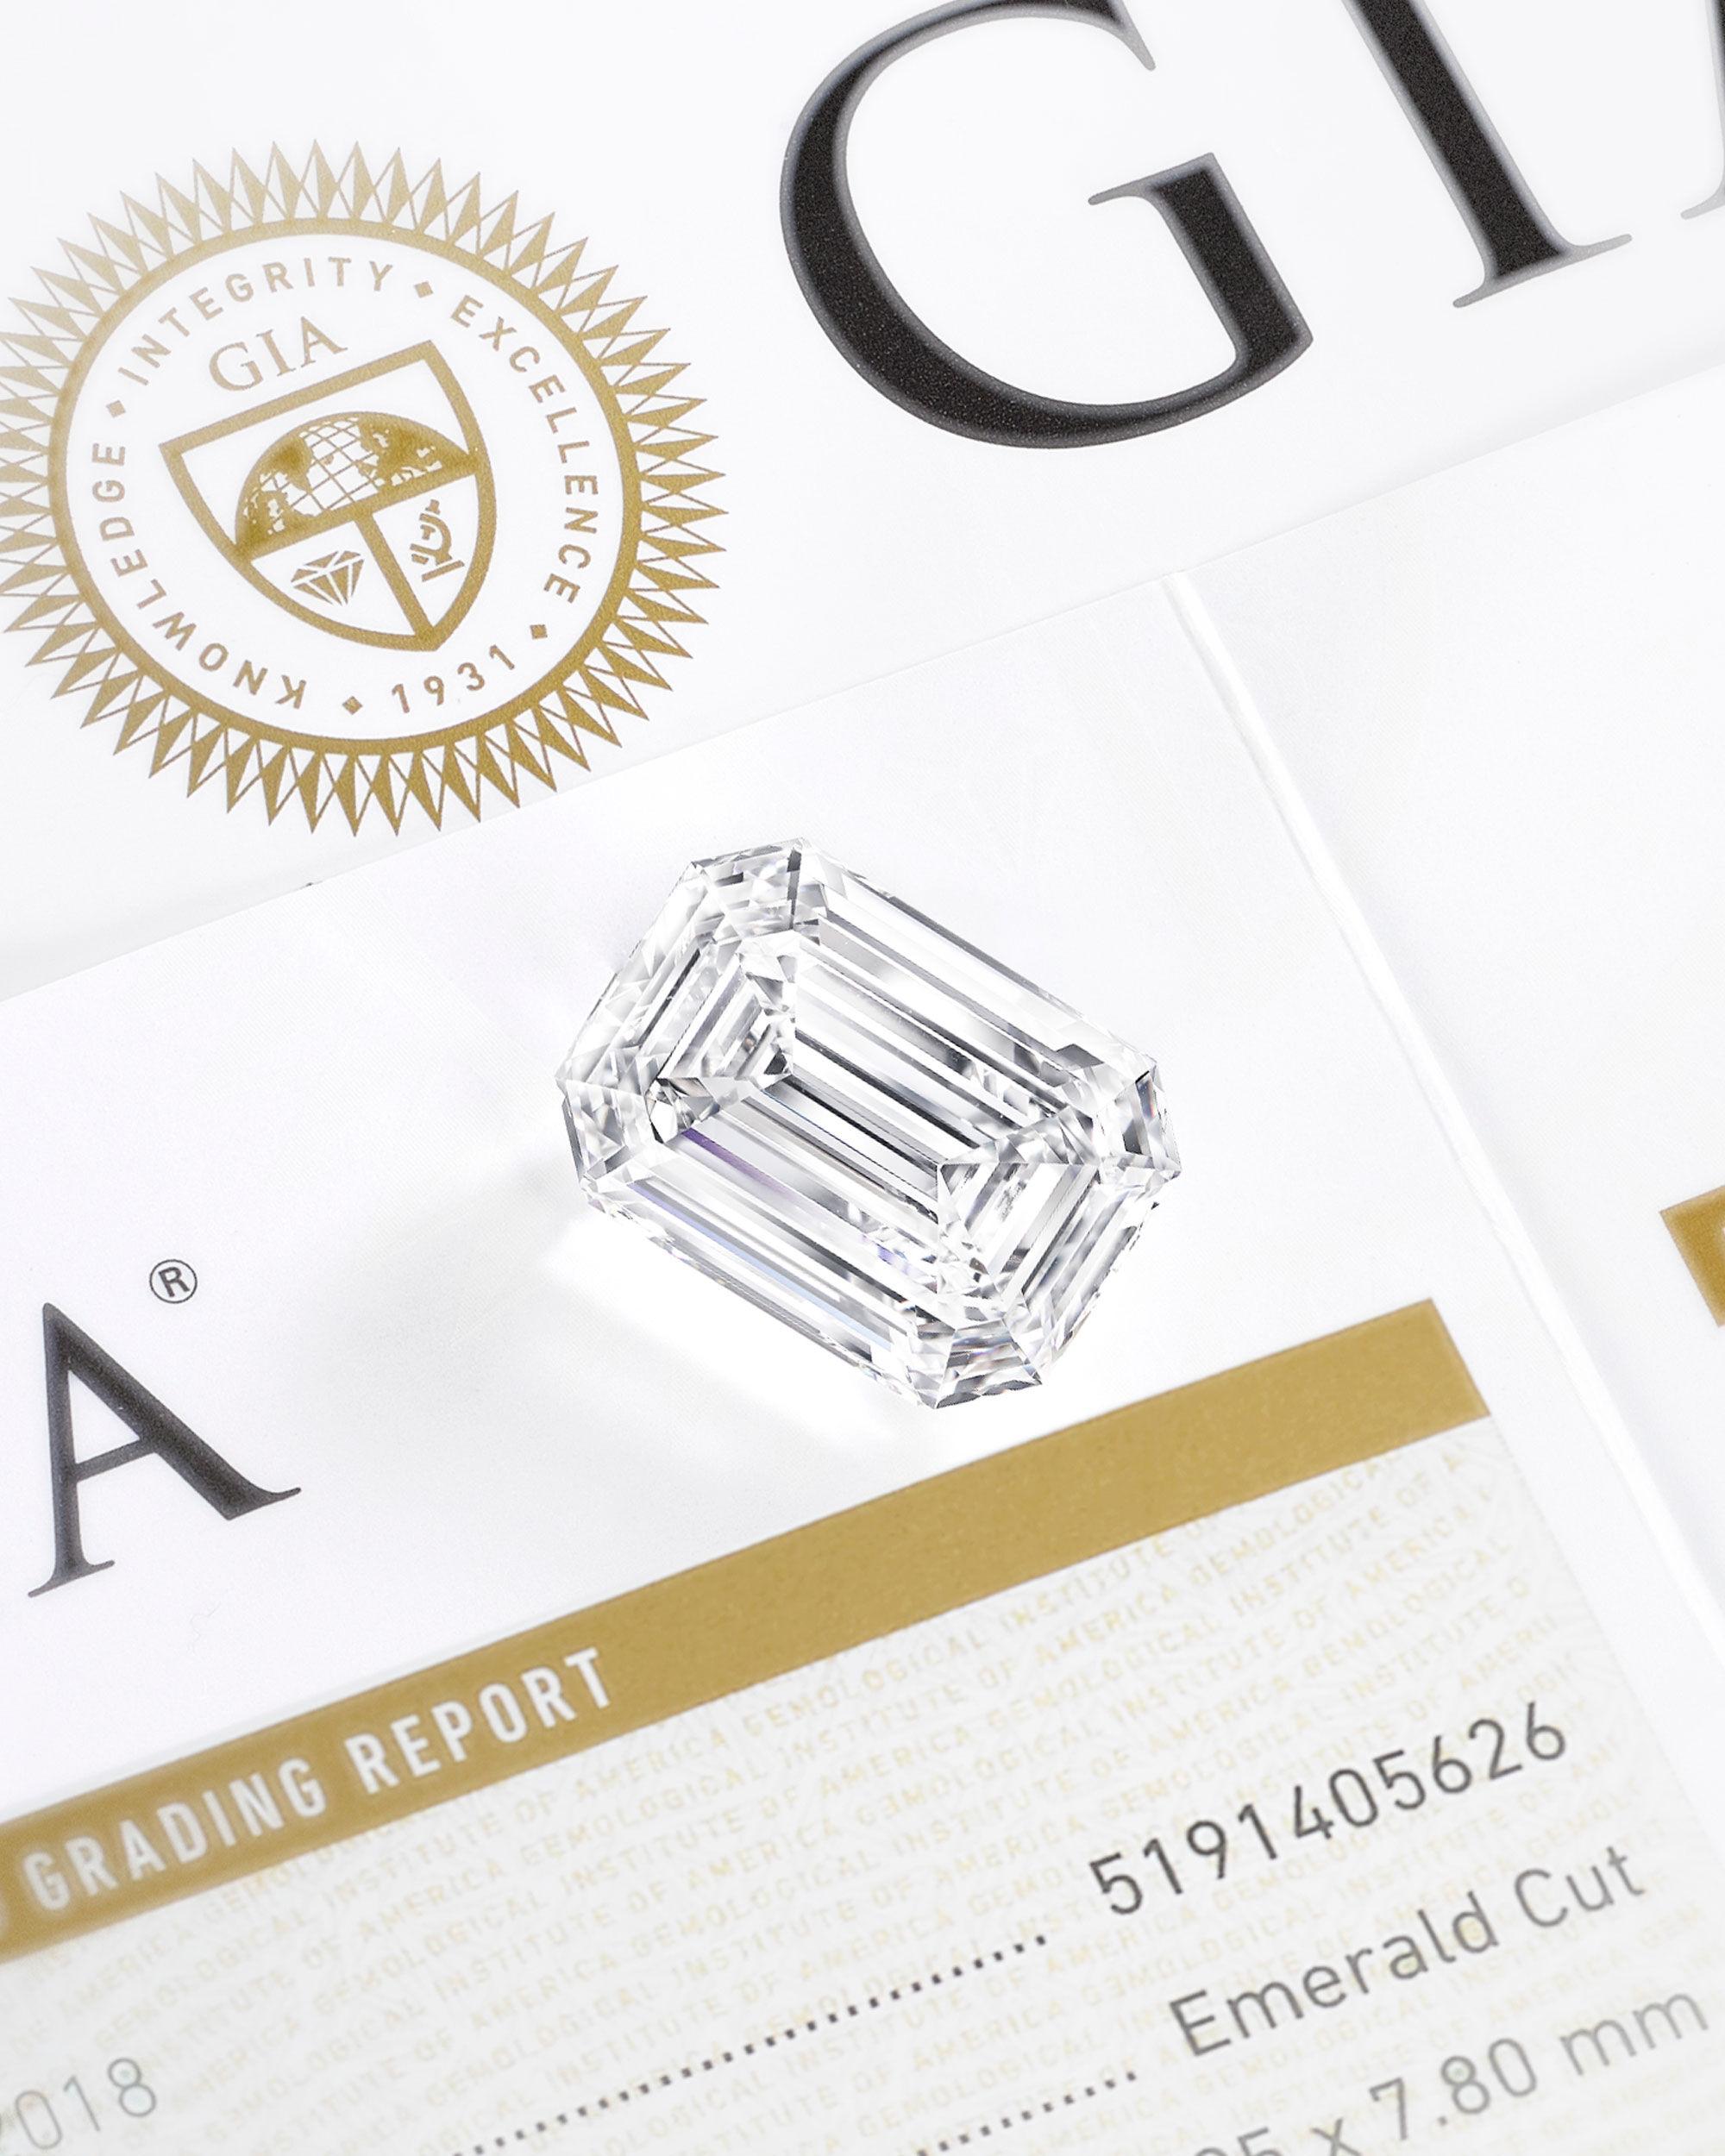 Close up of a Graff emerald cut diamond on a GIA certificate